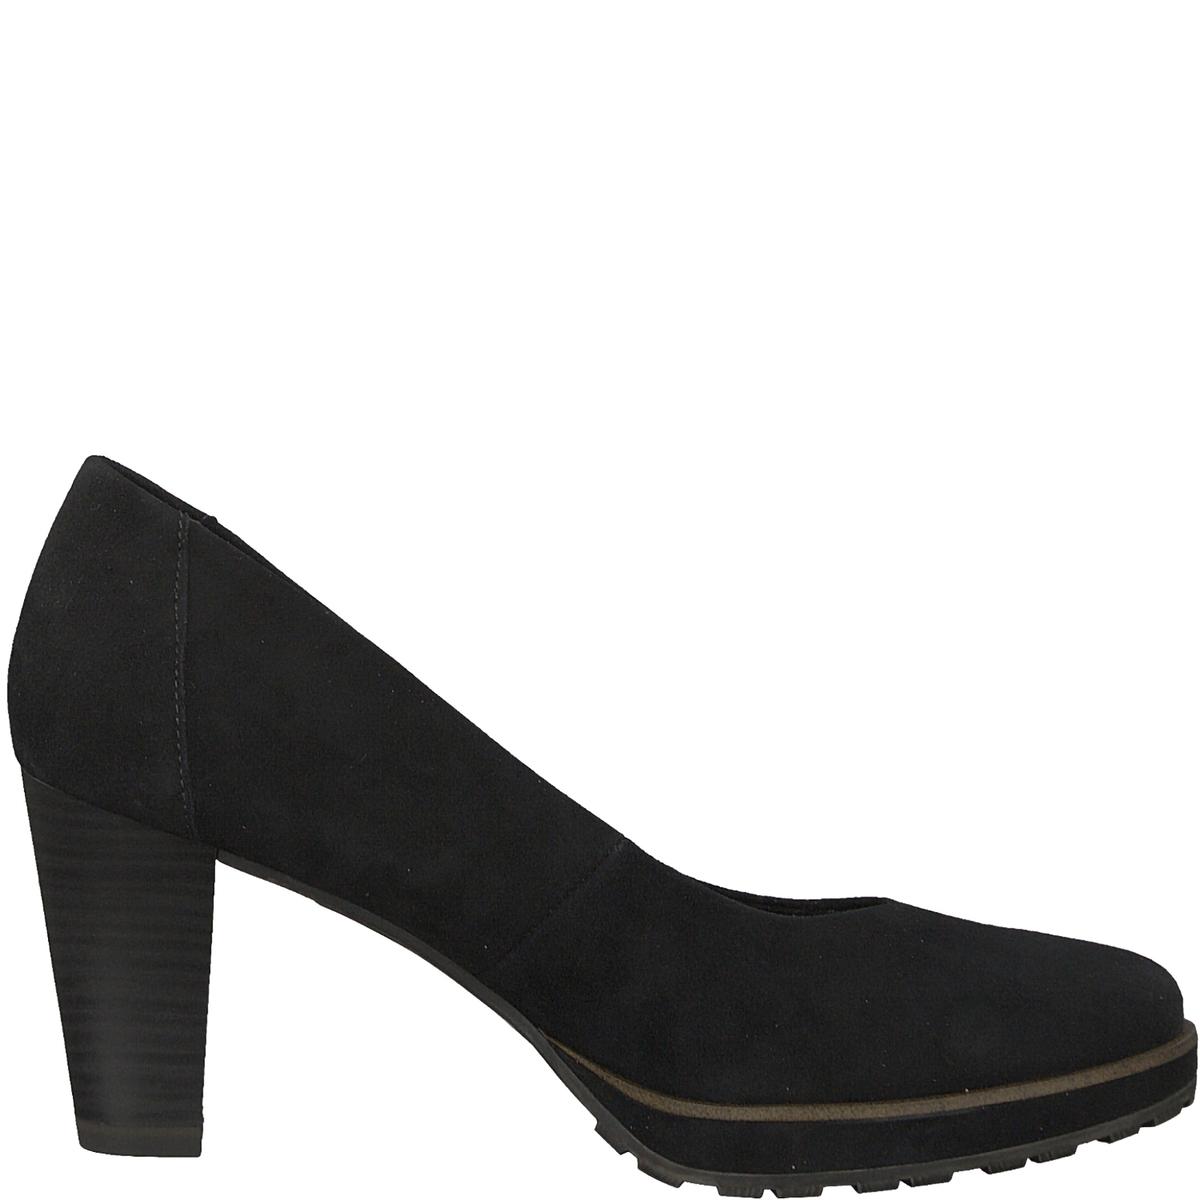 Туфли кожаные VickyДетали •  Широкий каблук •  Высота каблука : 8 см. •  Застежка : без застежки •  Круглый мысокСостав и уход •  Верх 100% козья кожа •  Подкладка 50% синтетического материала, 50% текстиля •  Стелька 100% кожа<br><br>Цвет: черный